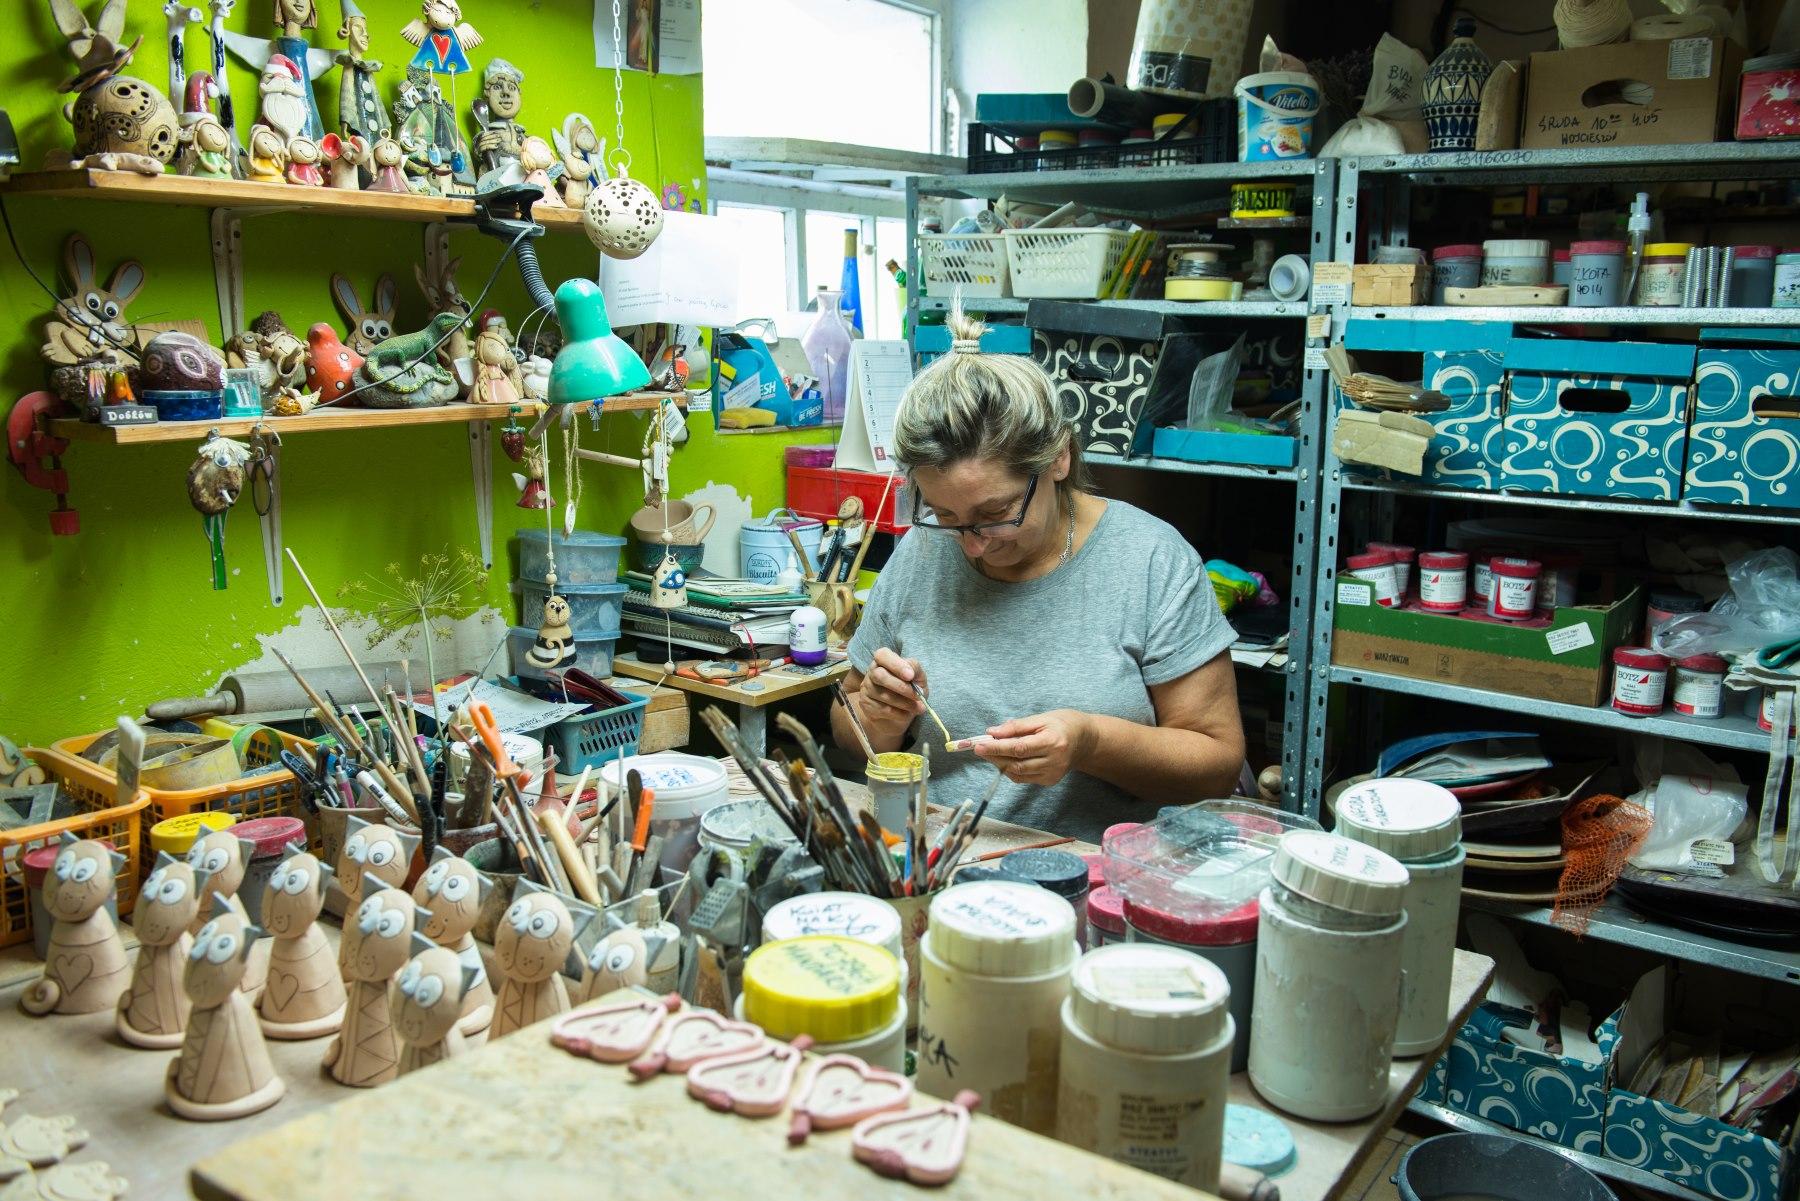 Kobieta w okularach maluje wyroby ceramiczne